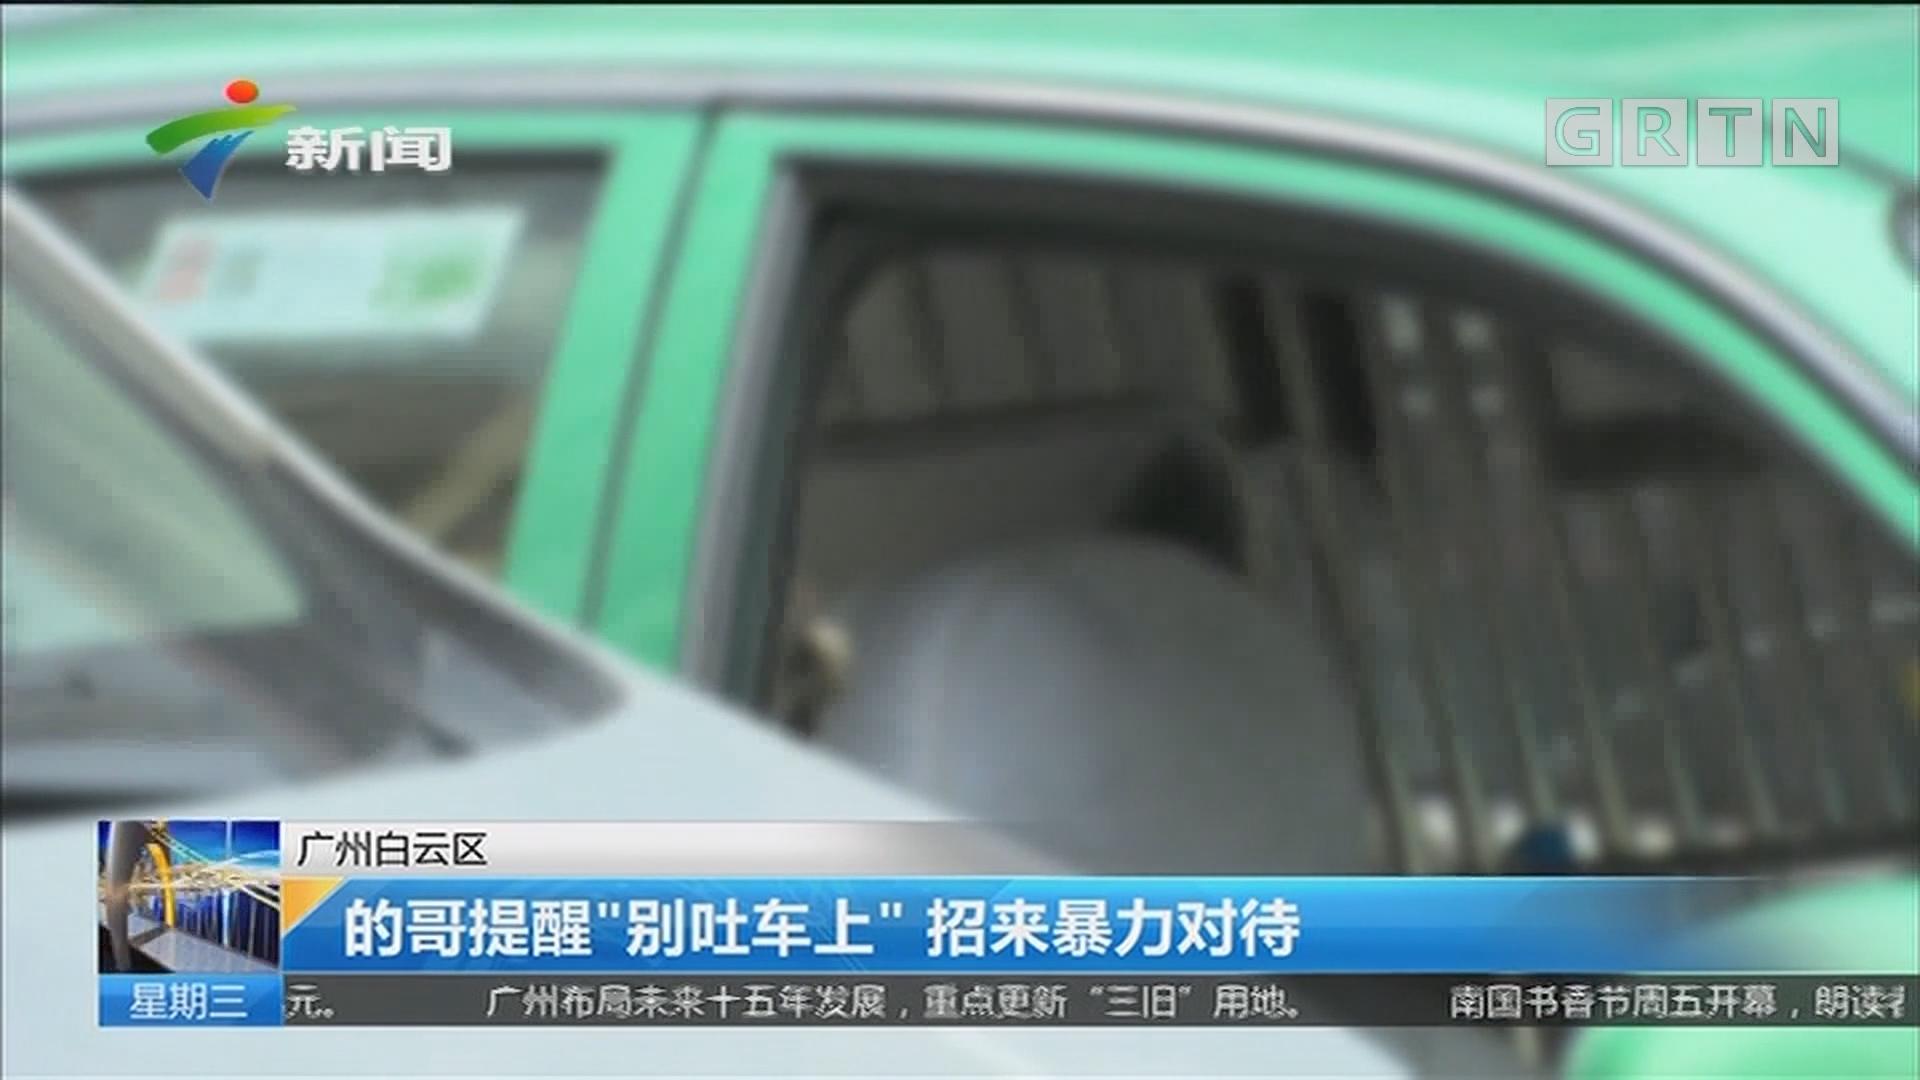 """广州白云区:的哥提醒""""别吐车上"""" 招来暴力对待"""